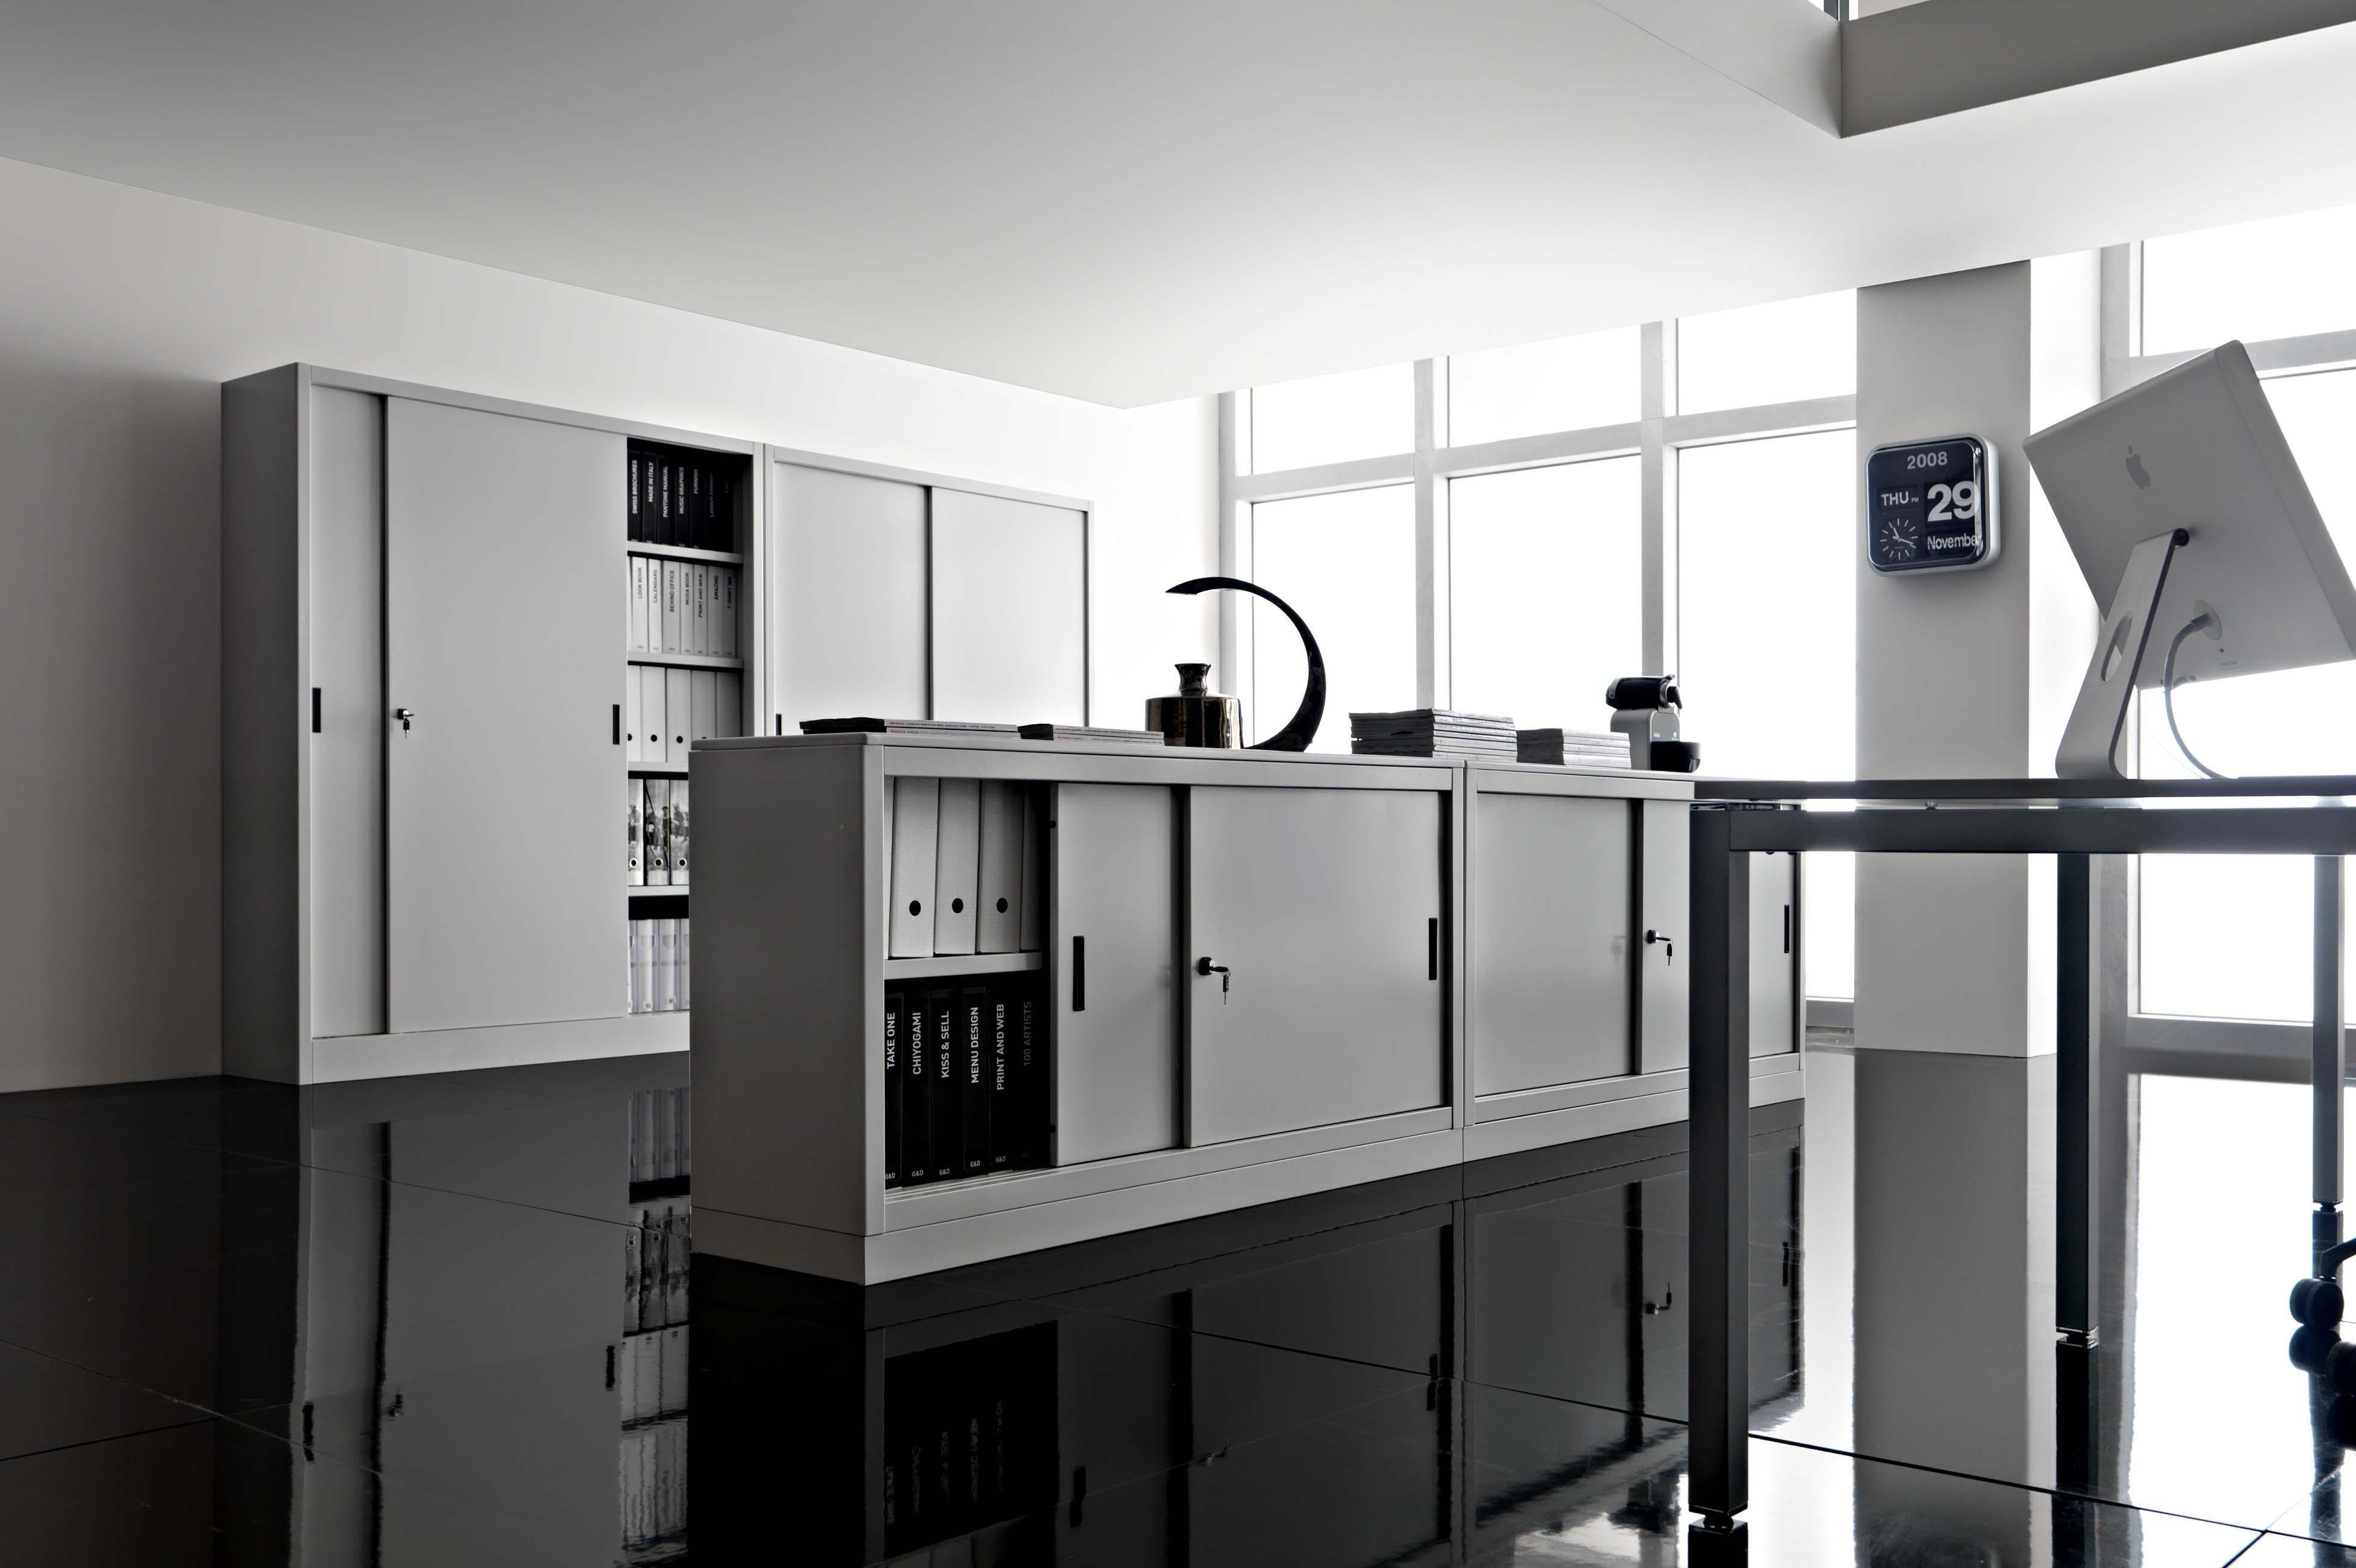 Arredi metallici donati alberto arredamenti e mobili per ufficio rimini - Arredi e mobili ...